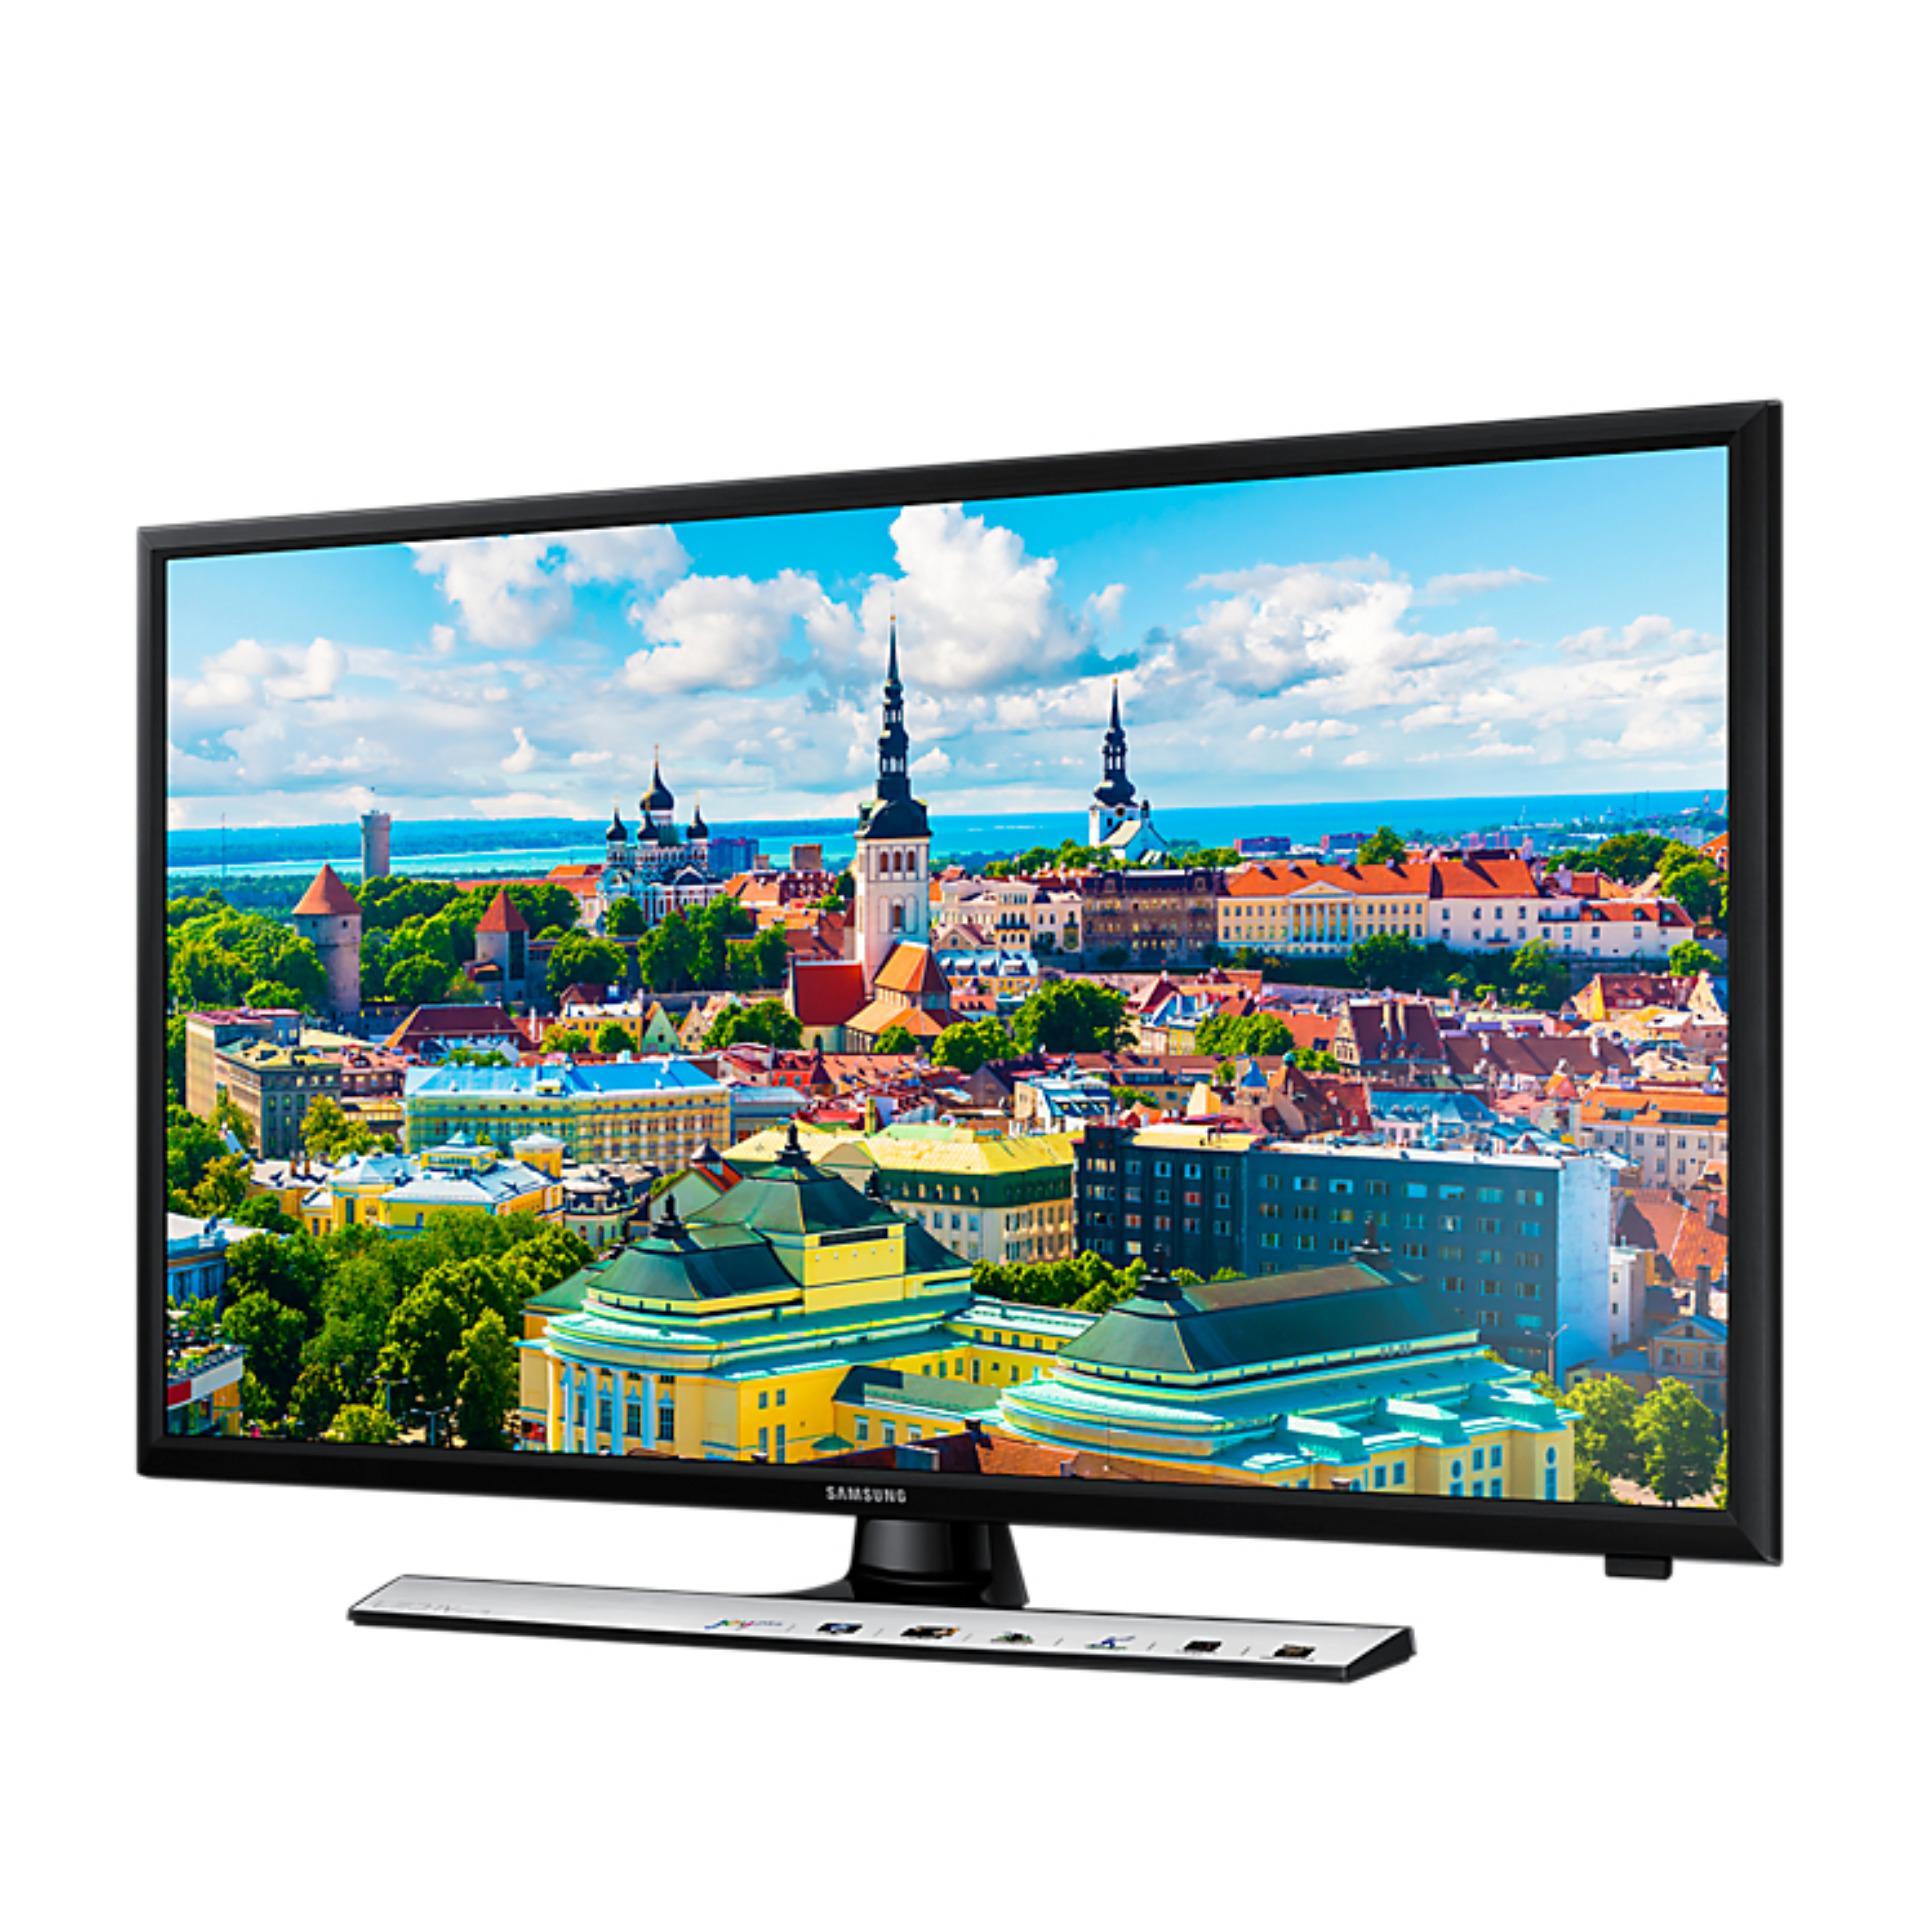 Samsung Led TV 32inch 32 J 4303